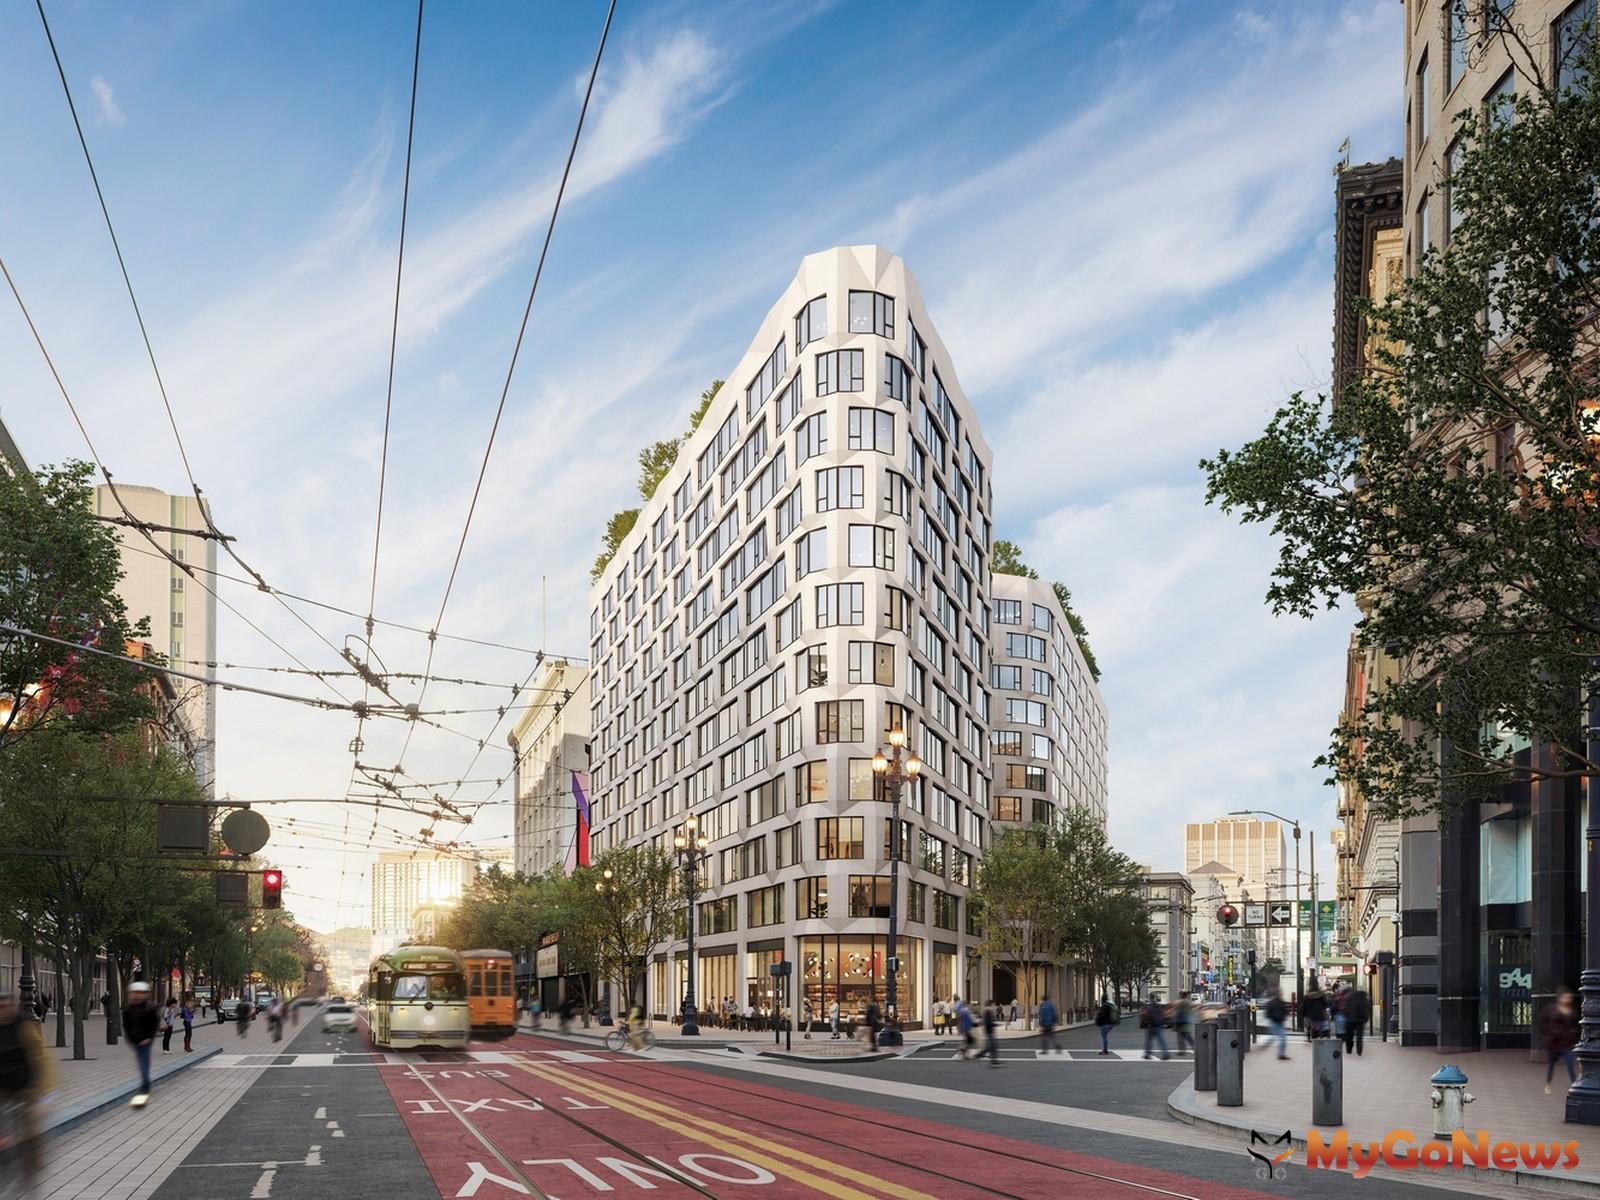 大陸建設首度揮軍美國市場 百億大案受矚目,尚芮公寓SERIF 3D模擬示意圖(圖:業者提供) MyGoNews房地產新聞 熱銷推案